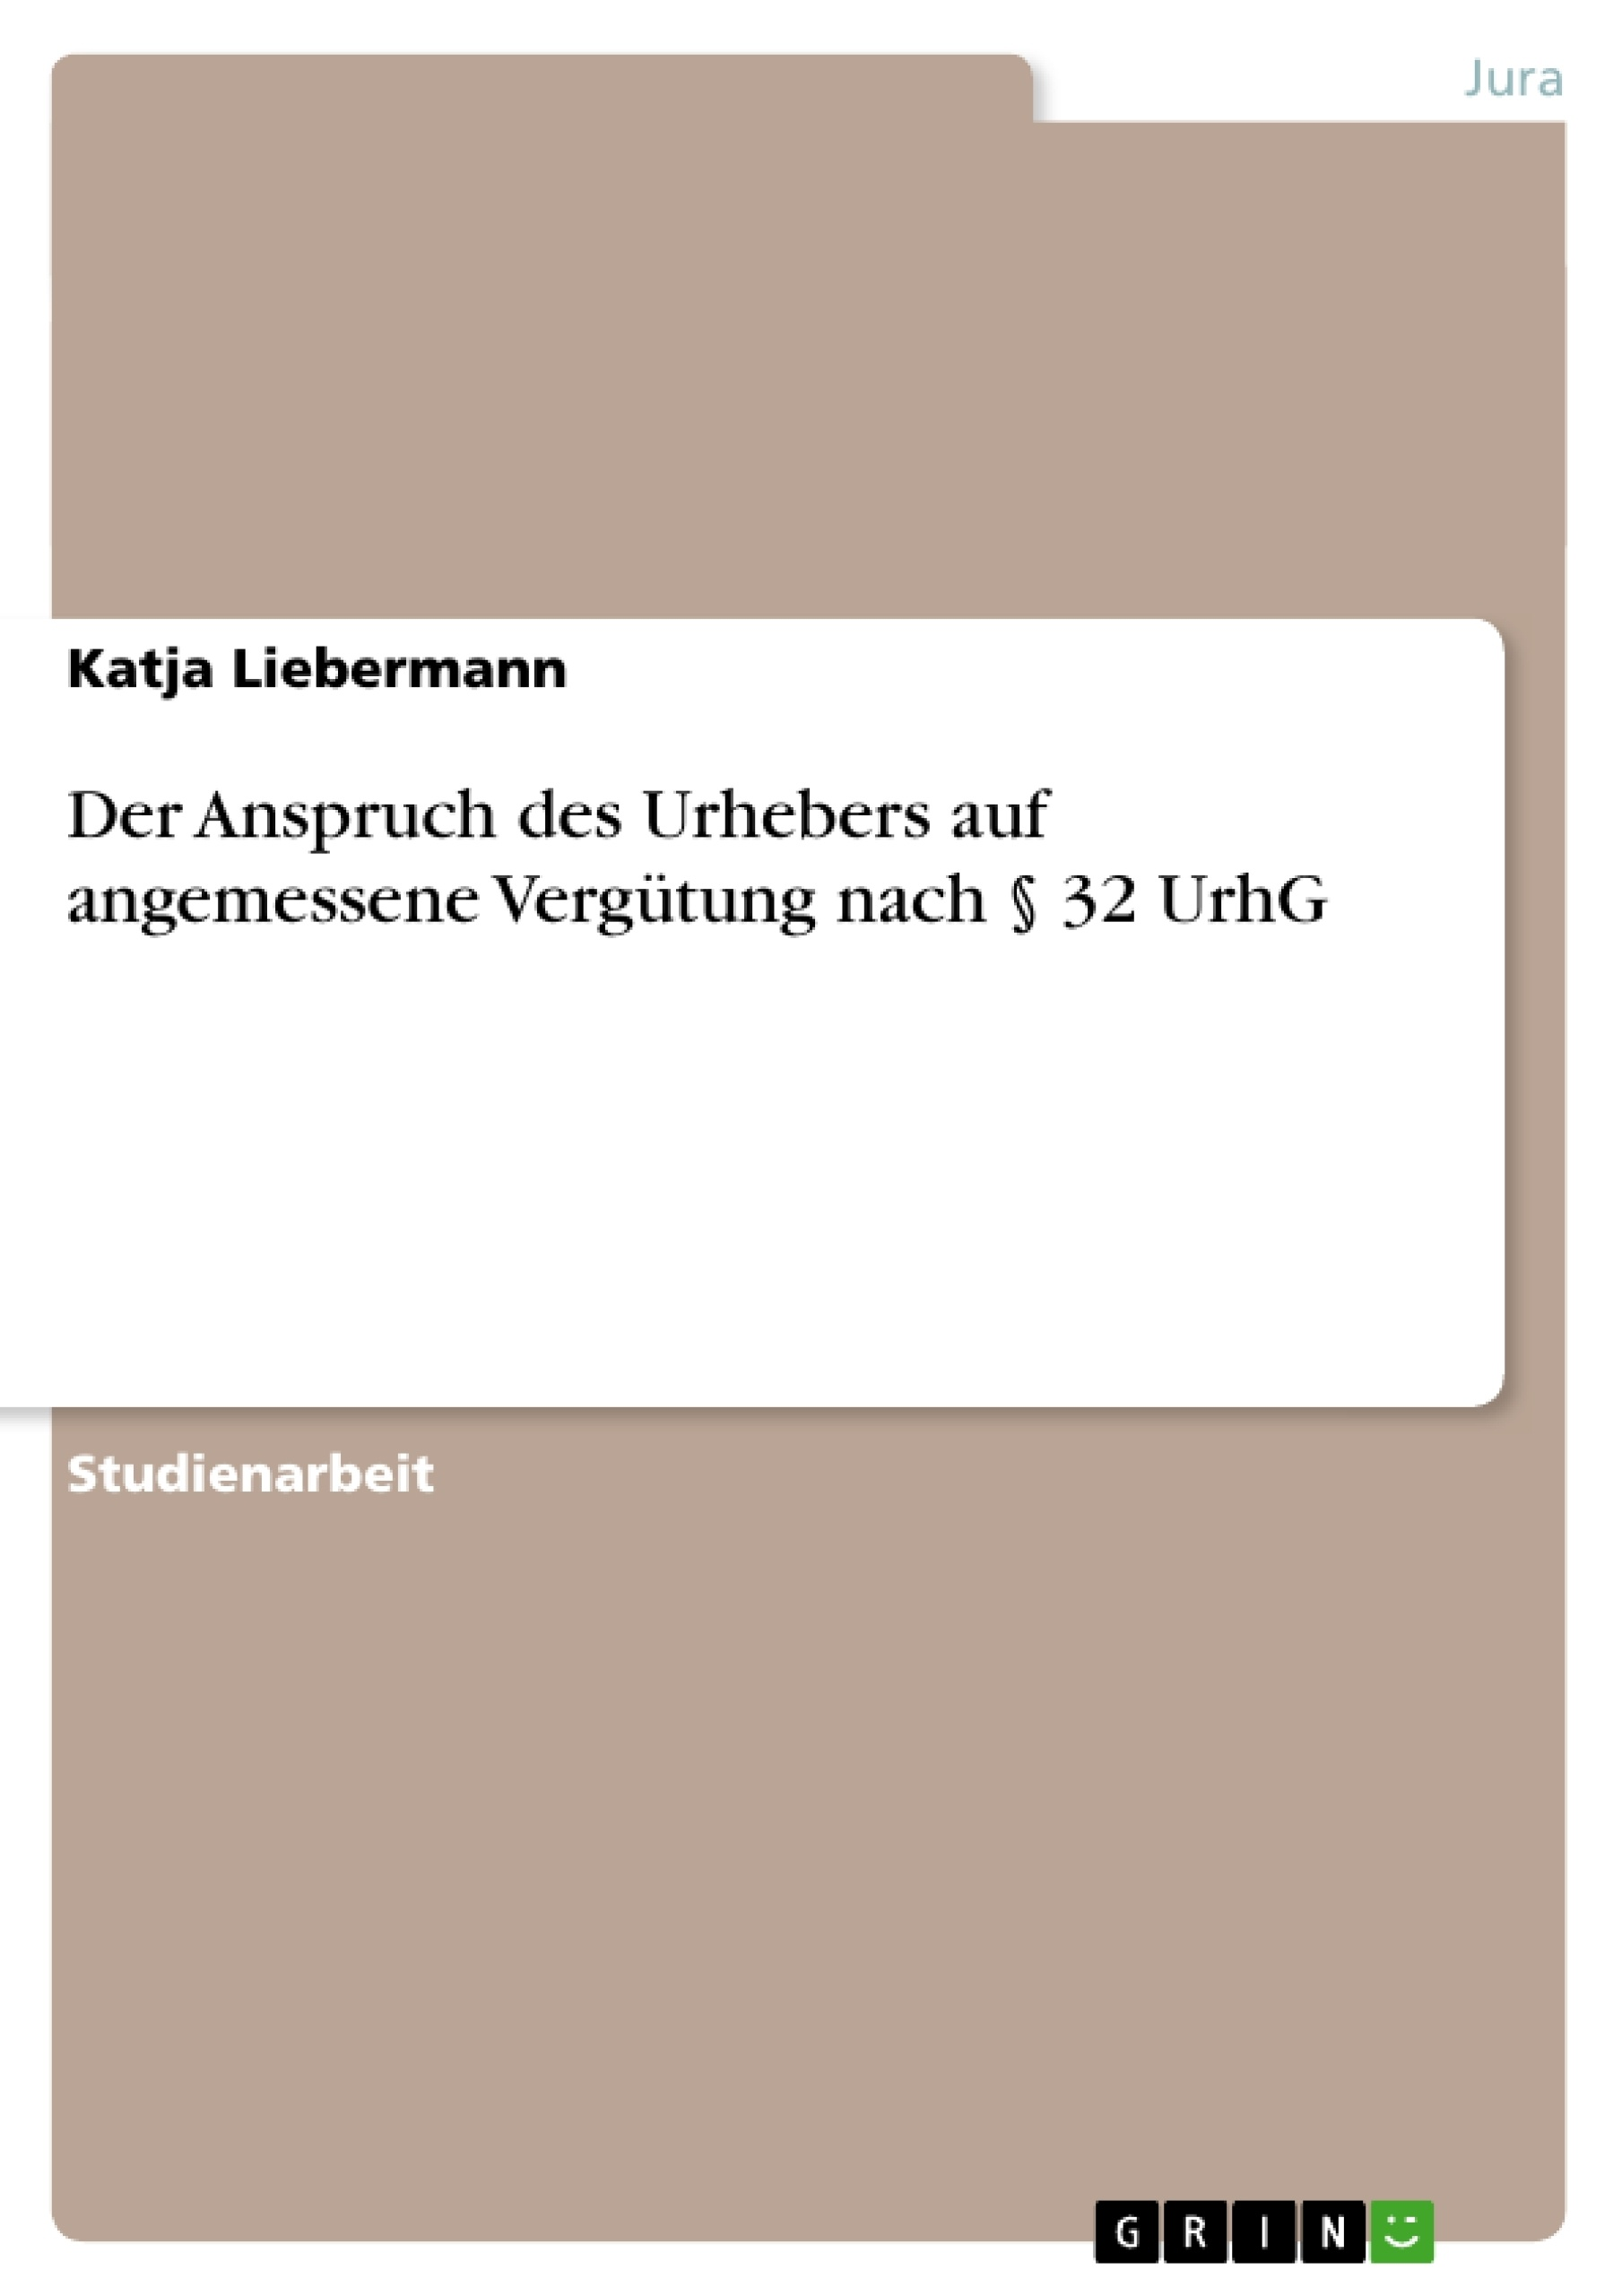 Titel: Der Anspruch des Urhebers auf angemessene Vergütung nach § 32 UrhG